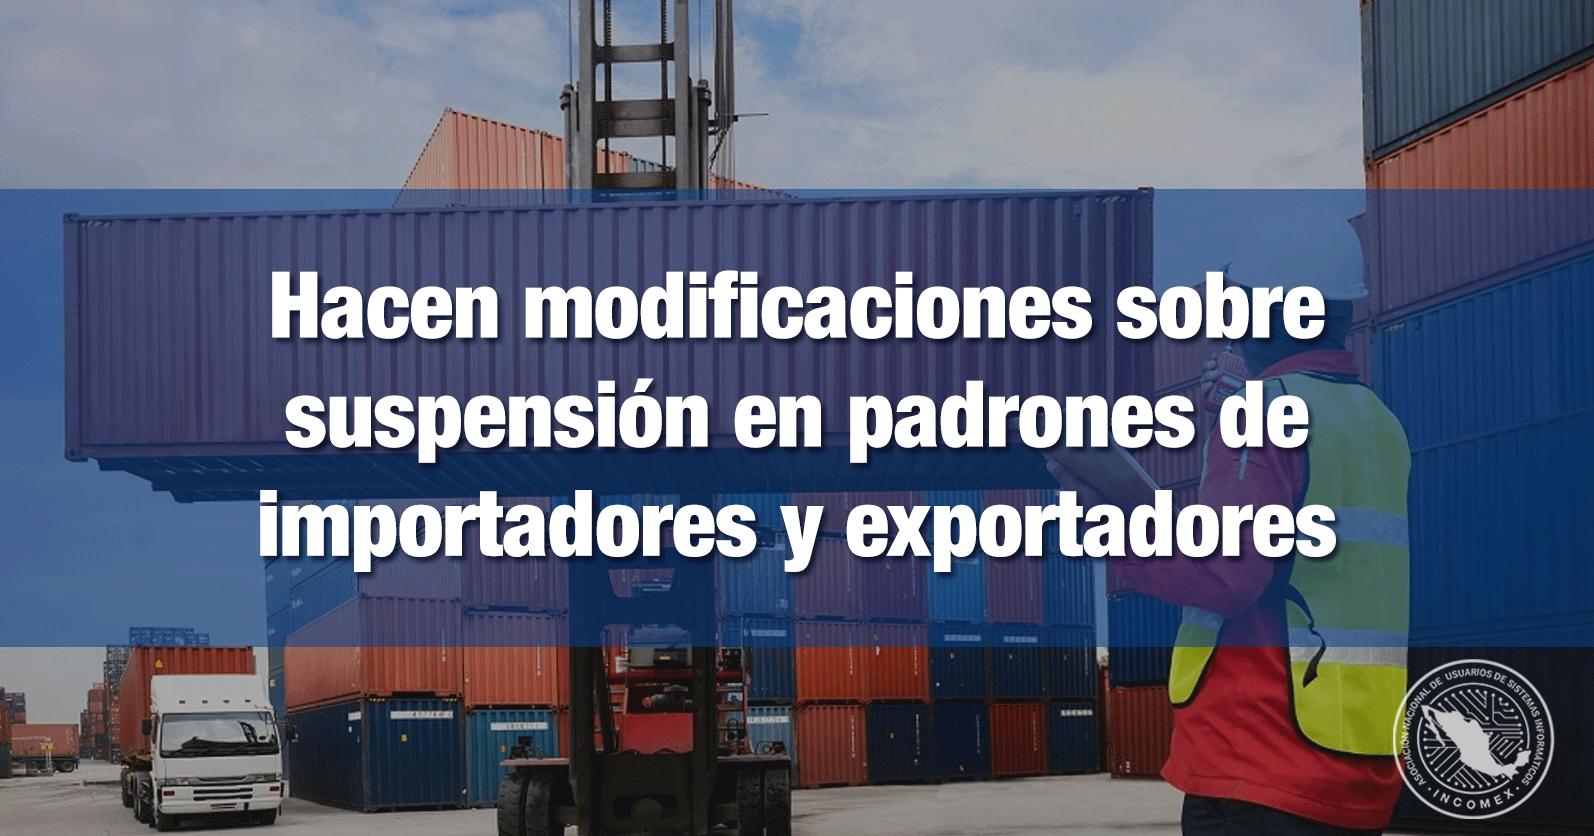 Hacen modificaciones sobre suspensión en padrones de importadores y exportadores